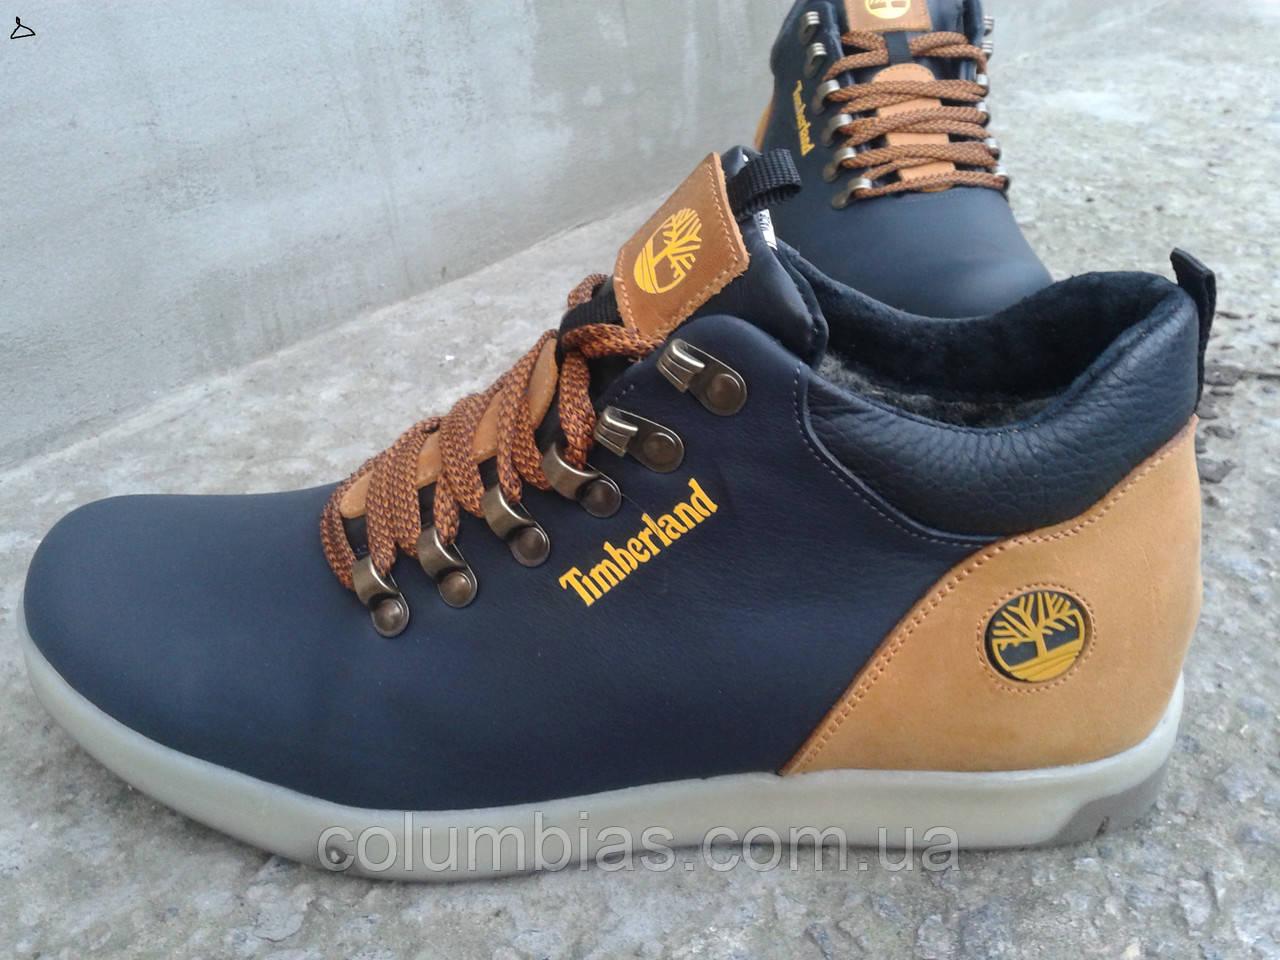 a6695b68 Польская зимняя обувь Timberland - Весь ассортимент в наличии, звоните в  любое время т.